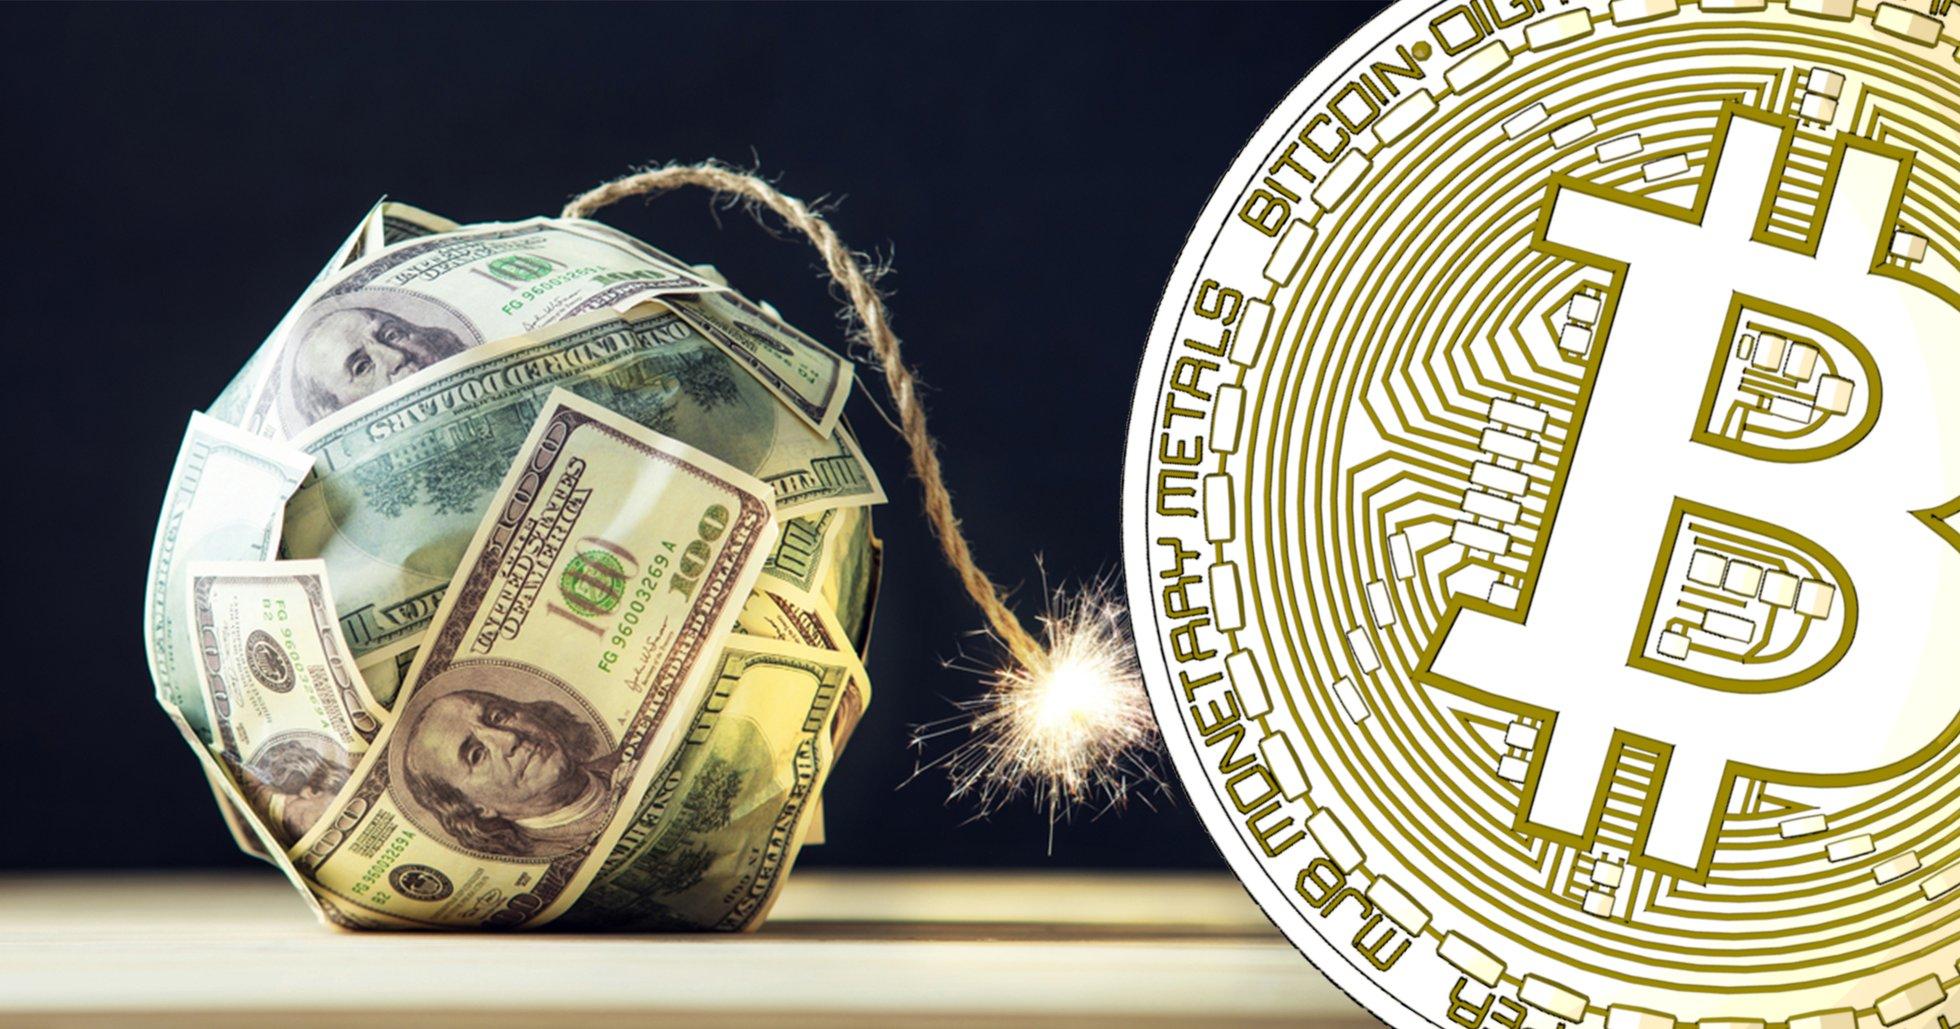 Kryptotungviktaren: Facebooks kryptovaluta libra kommer utplåna världens banker